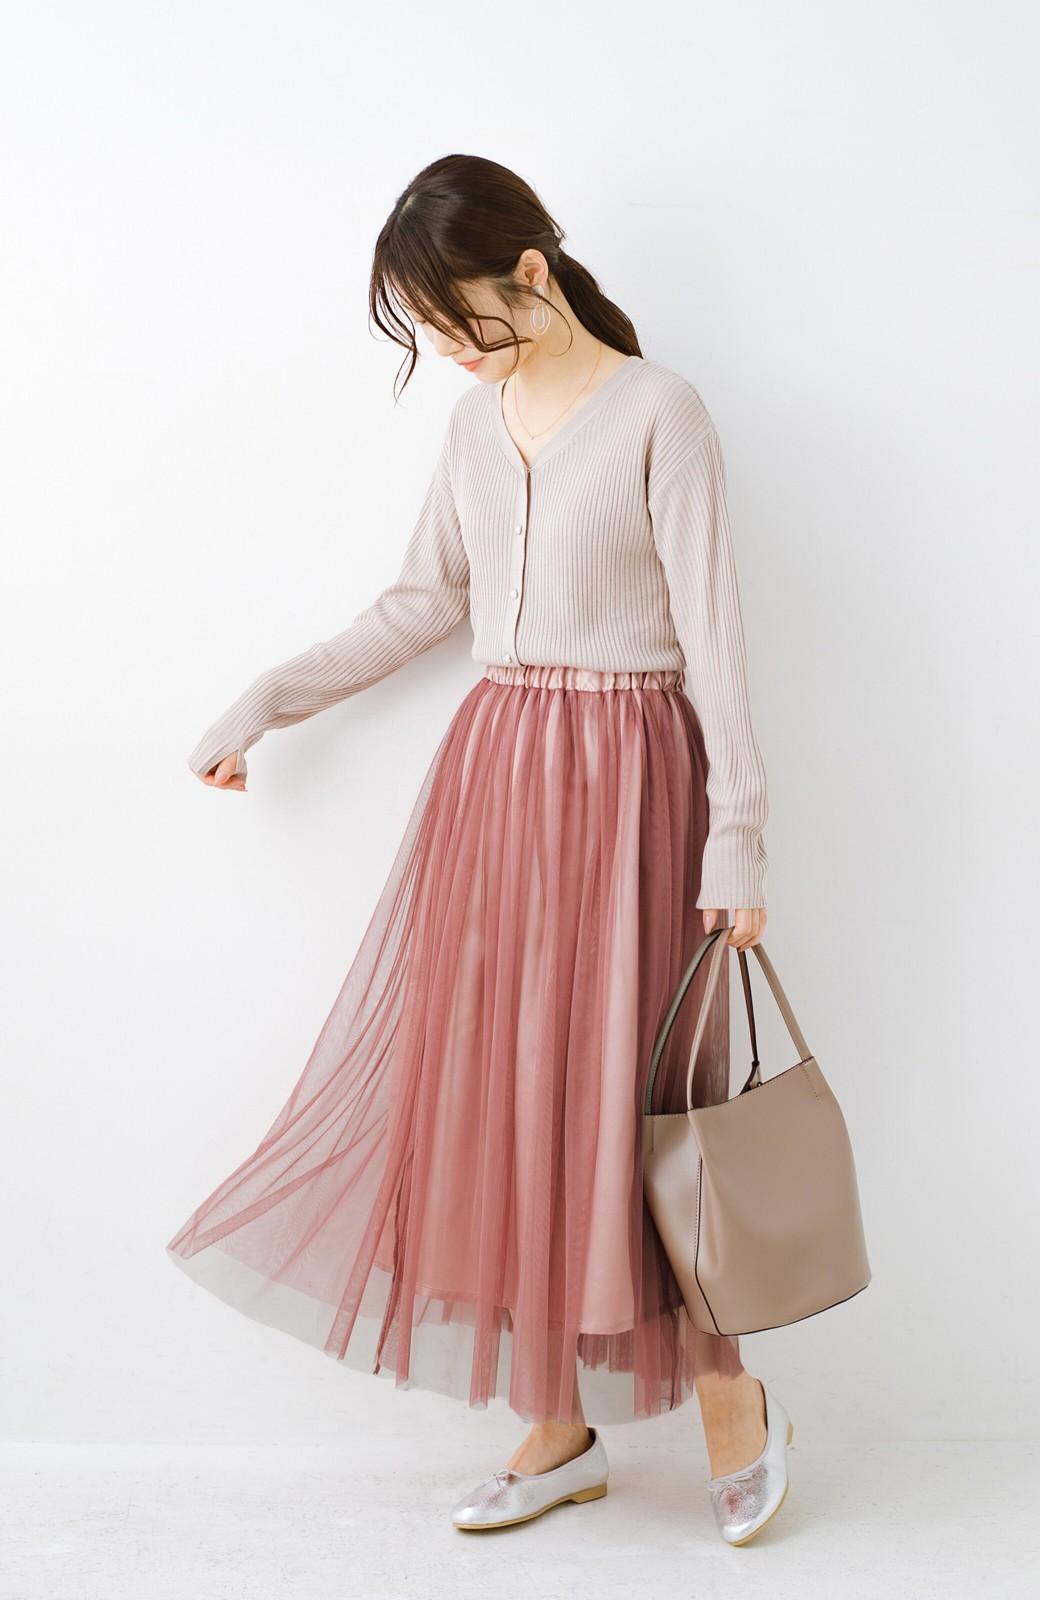 haco! 着るだけでルンとした気分になる! 長ーーい季節着られてずっと使えるオトナのためのチュールスカート <ピンク>の商品写真7